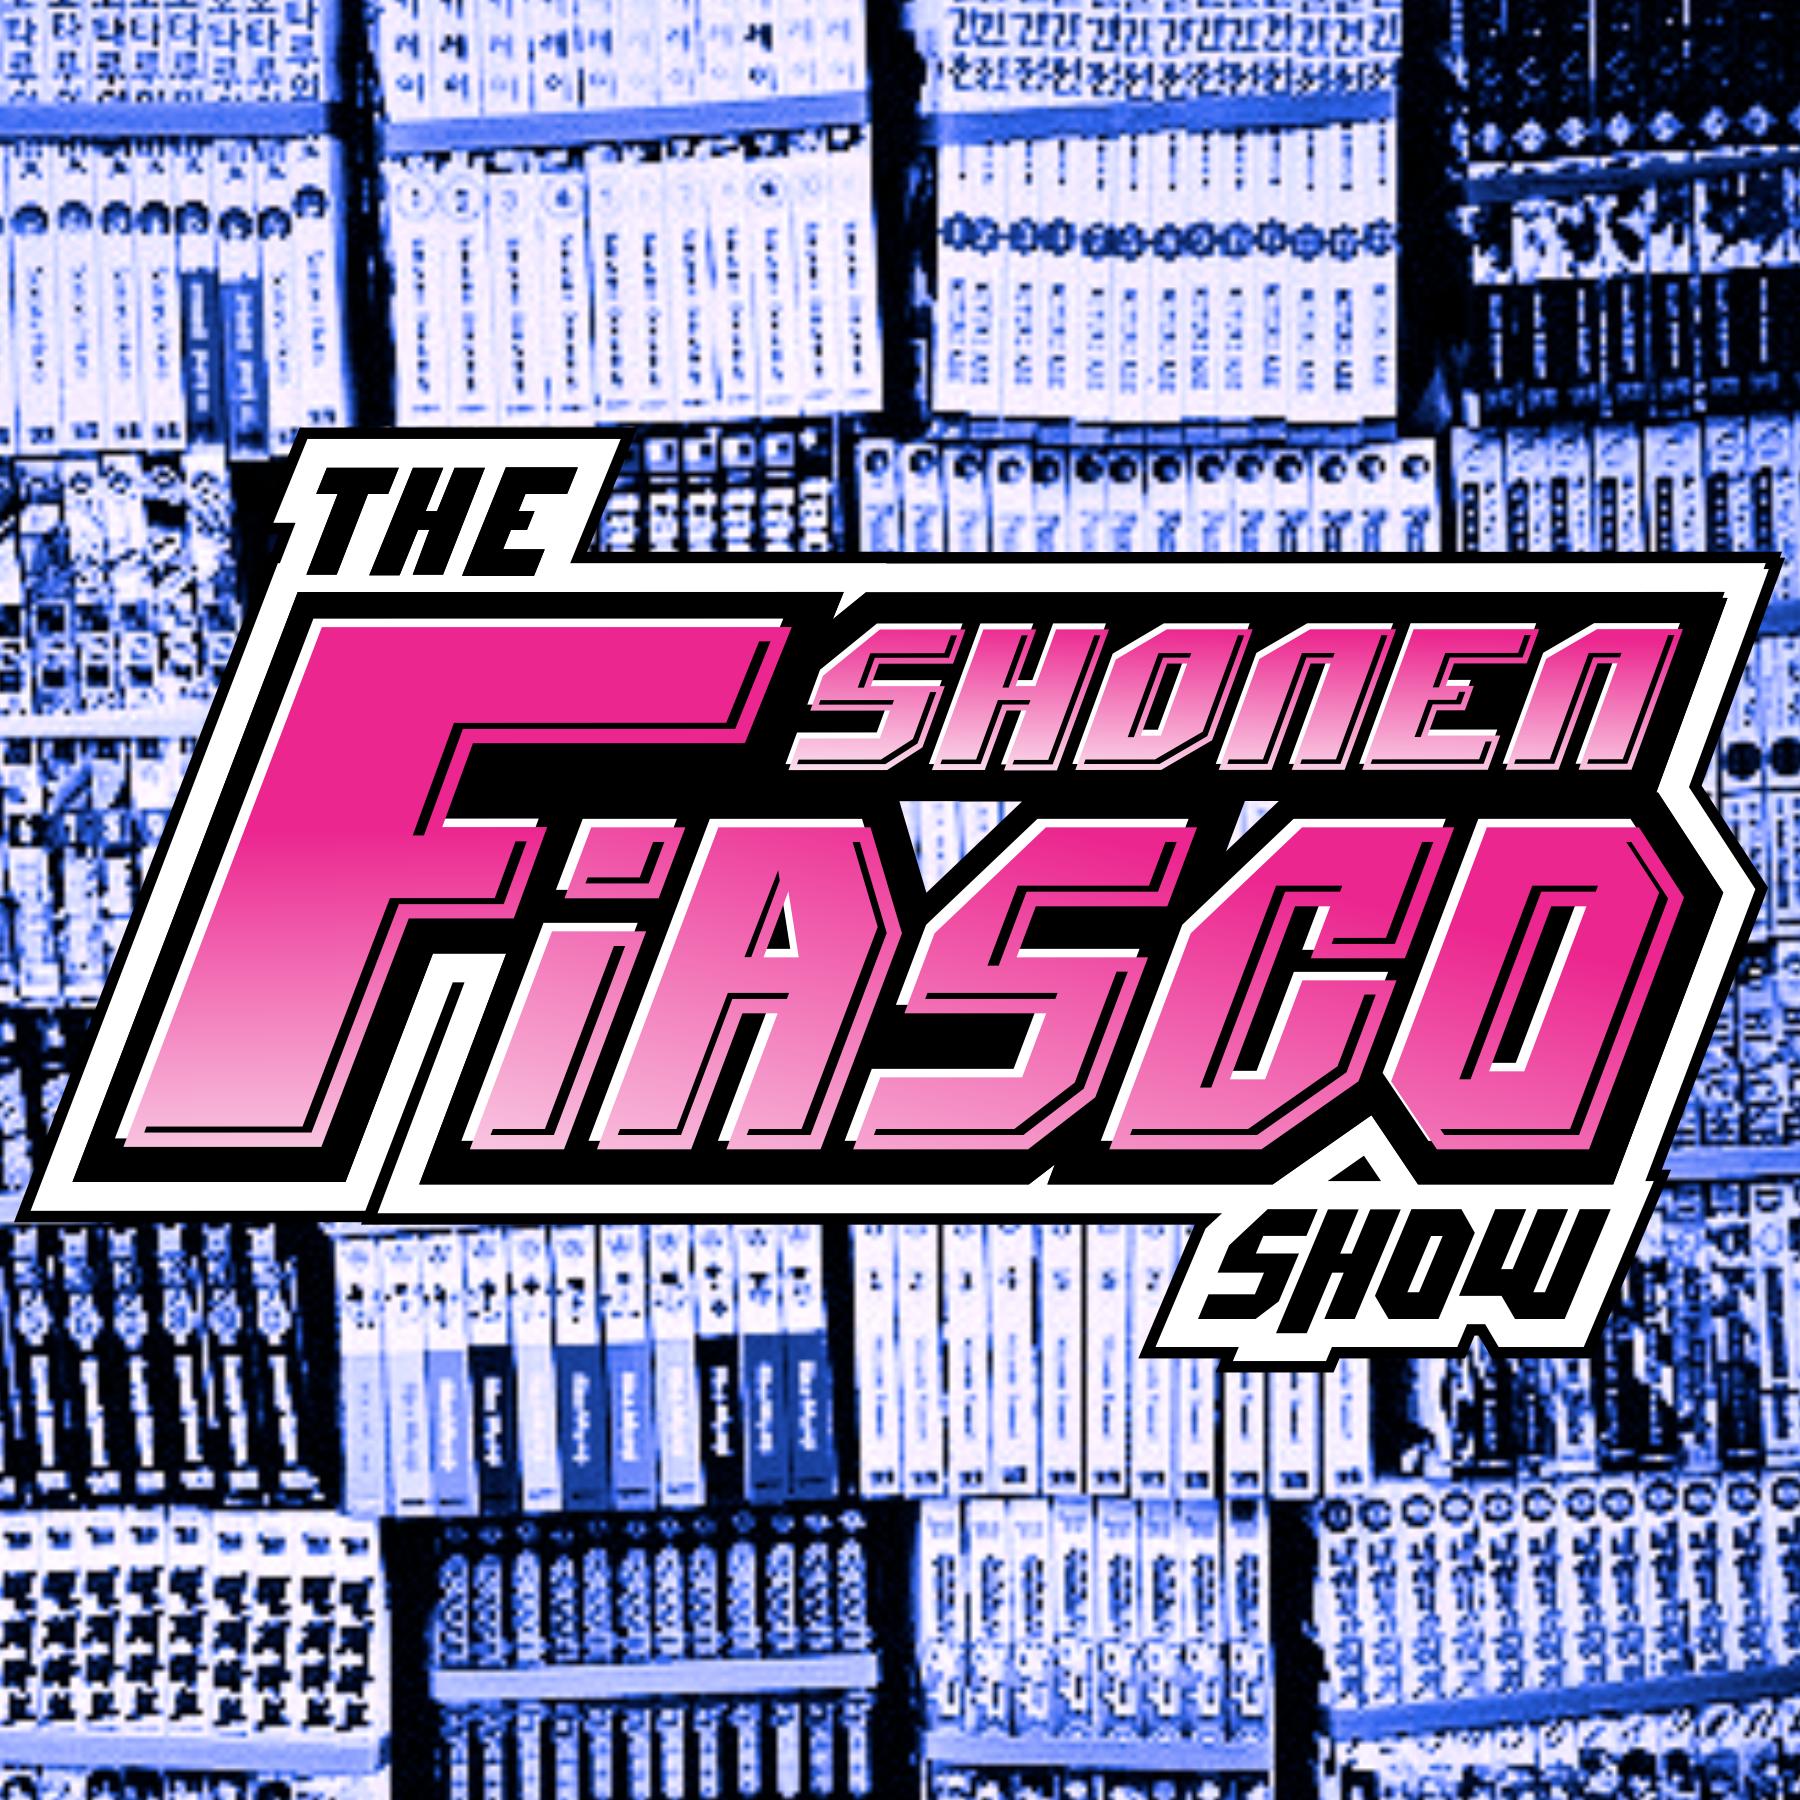 The Shonen Fiasco Show